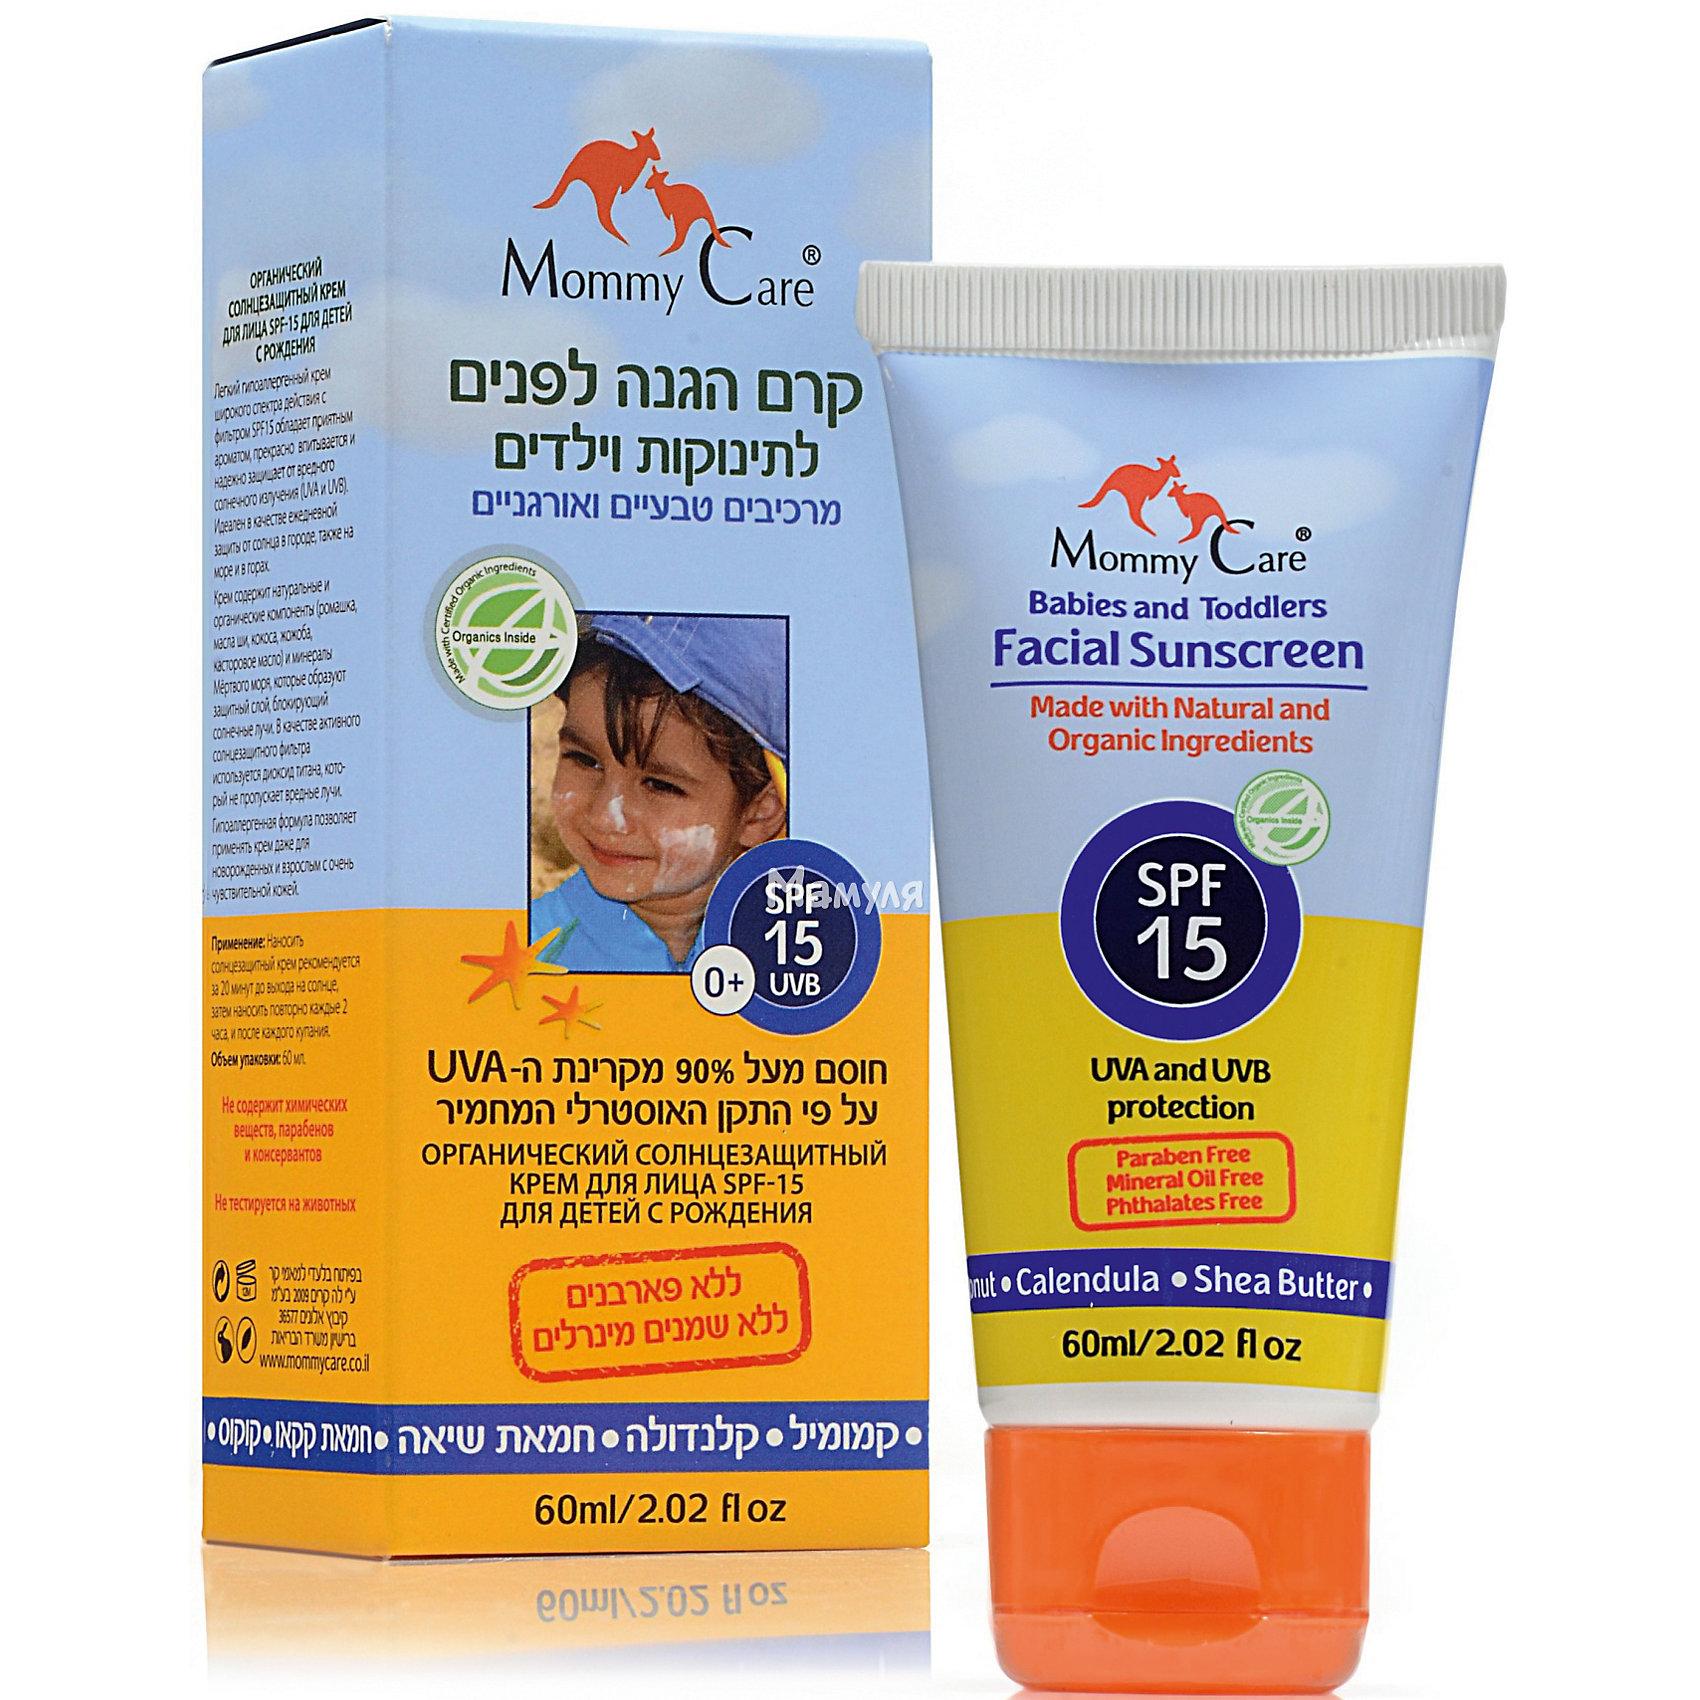 Органический солнцезащитный крем для лица SPF15, Mommy Care, 60 мл.